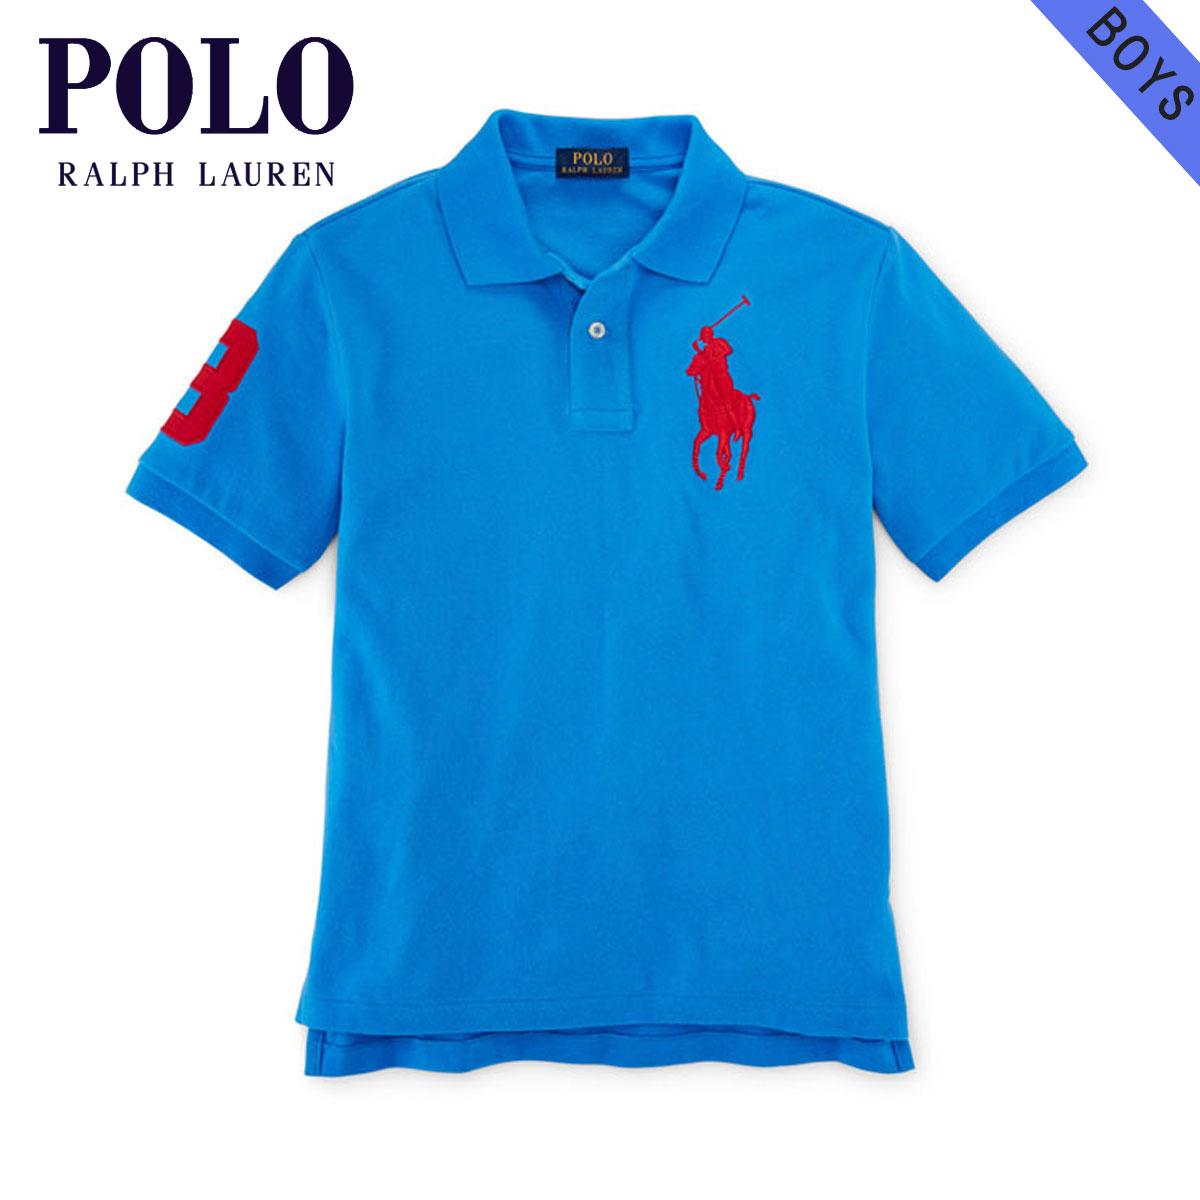 6d5f4423 Polo Ralph Lauren kids POLO RALPH LAUREN CHILDREN regular article children's  clothes boys polo shirt BIG ...